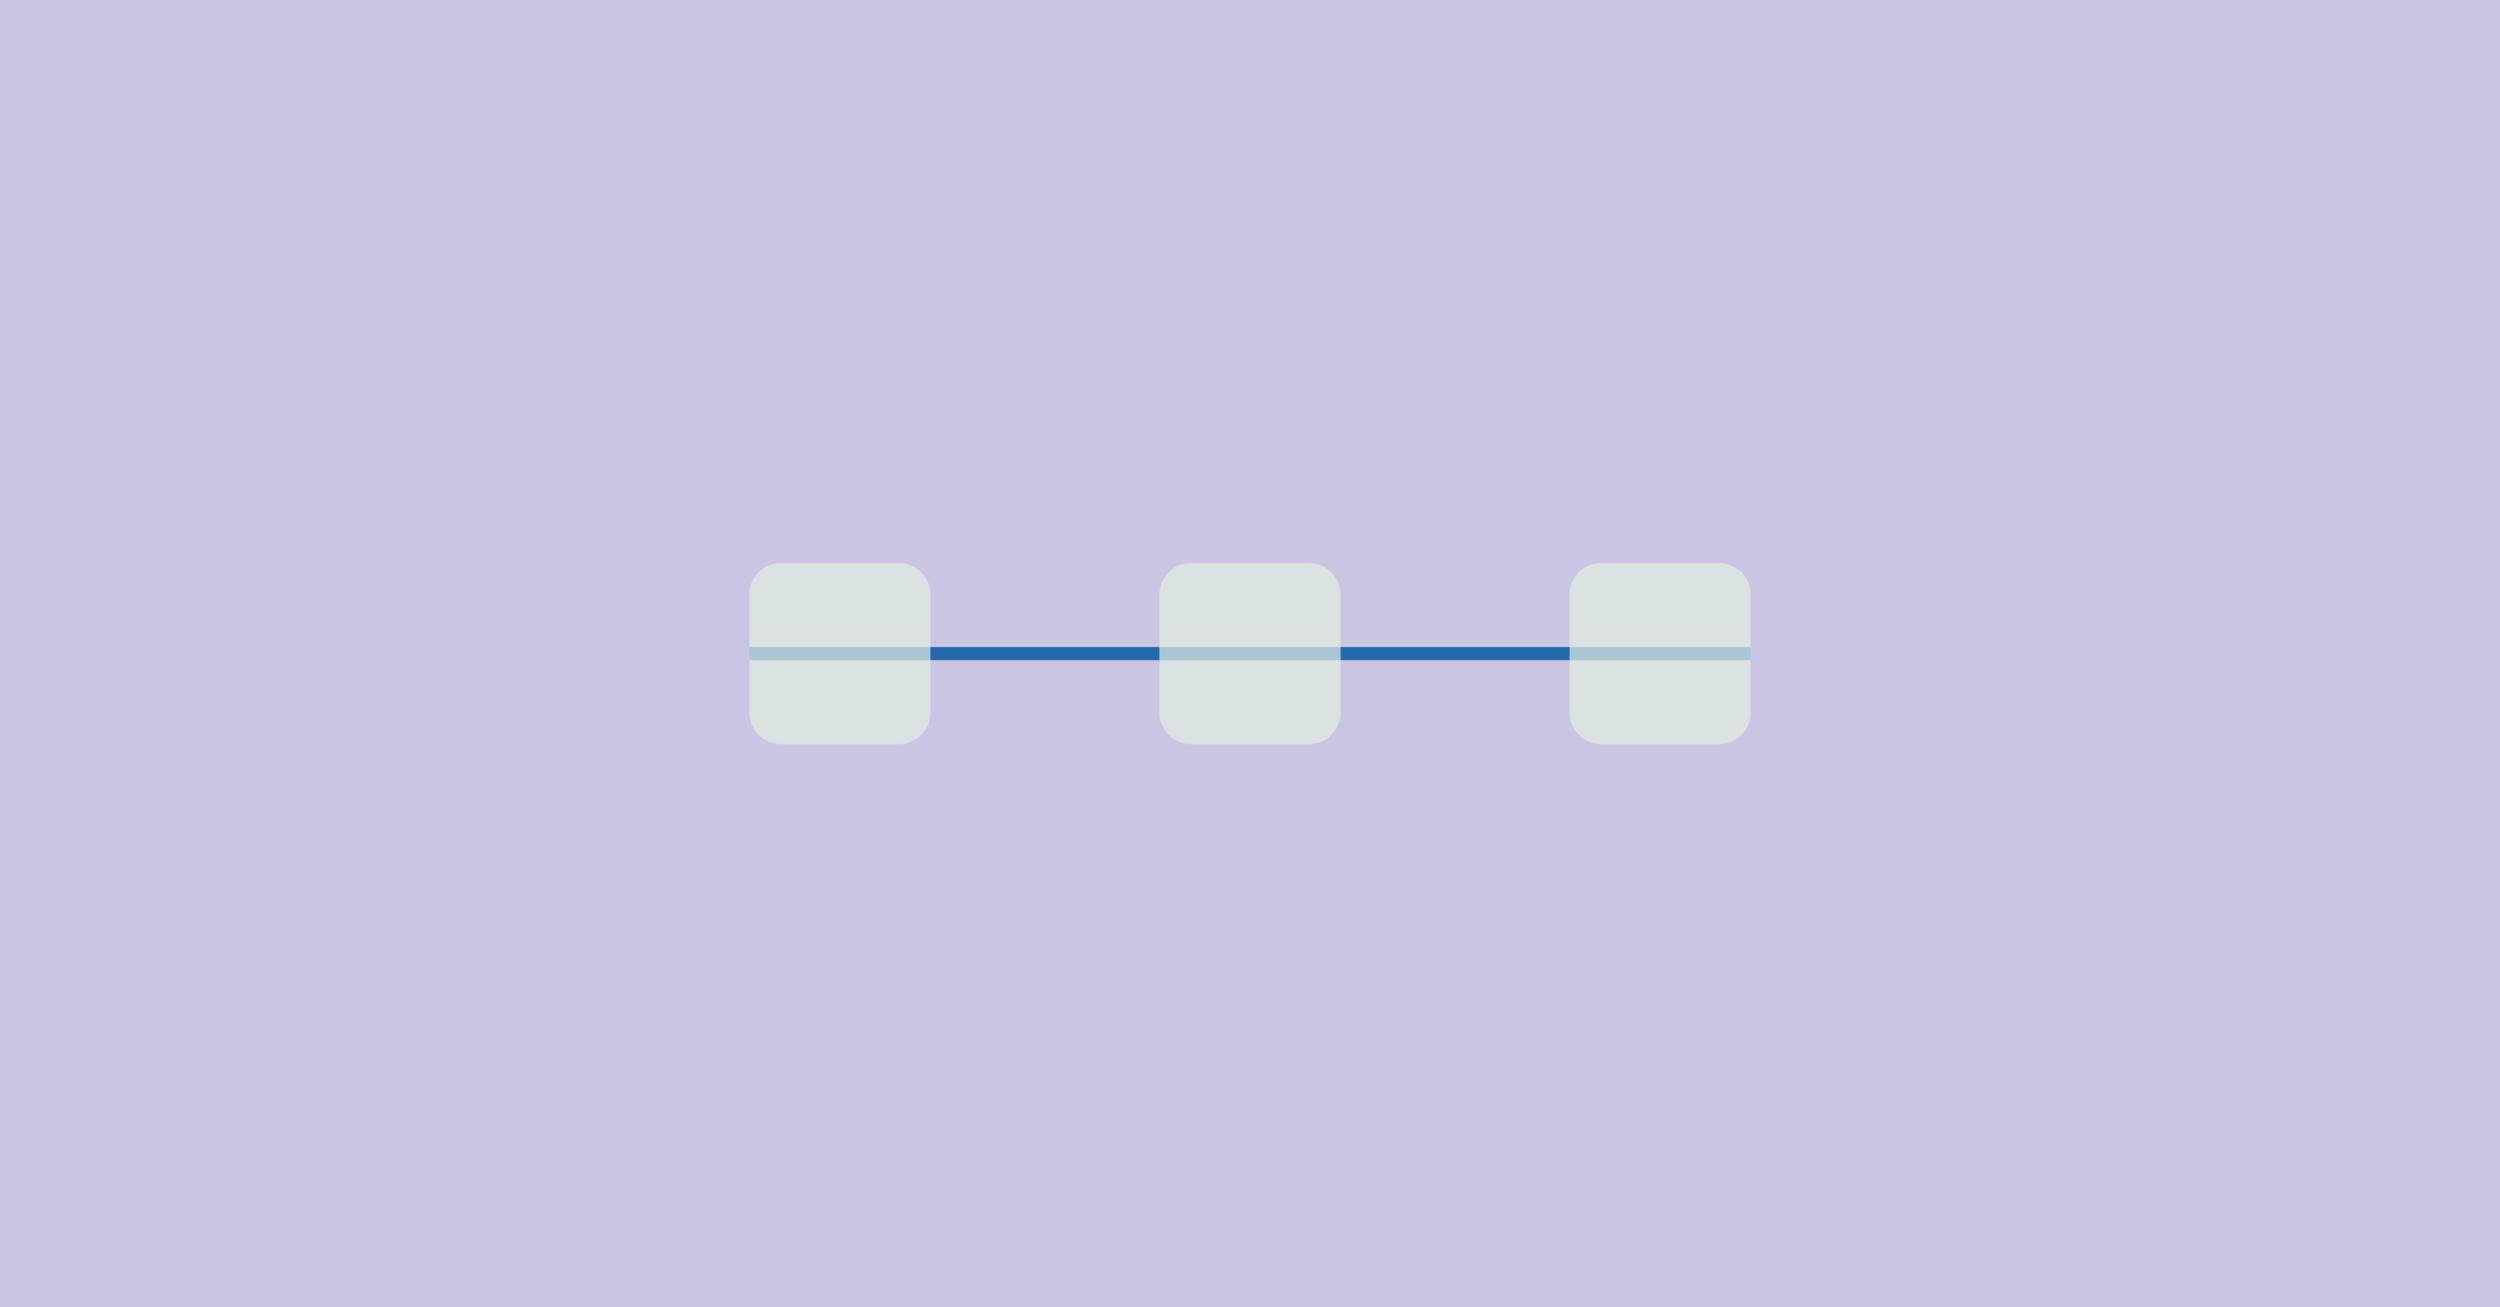 Ceramic braces symbol